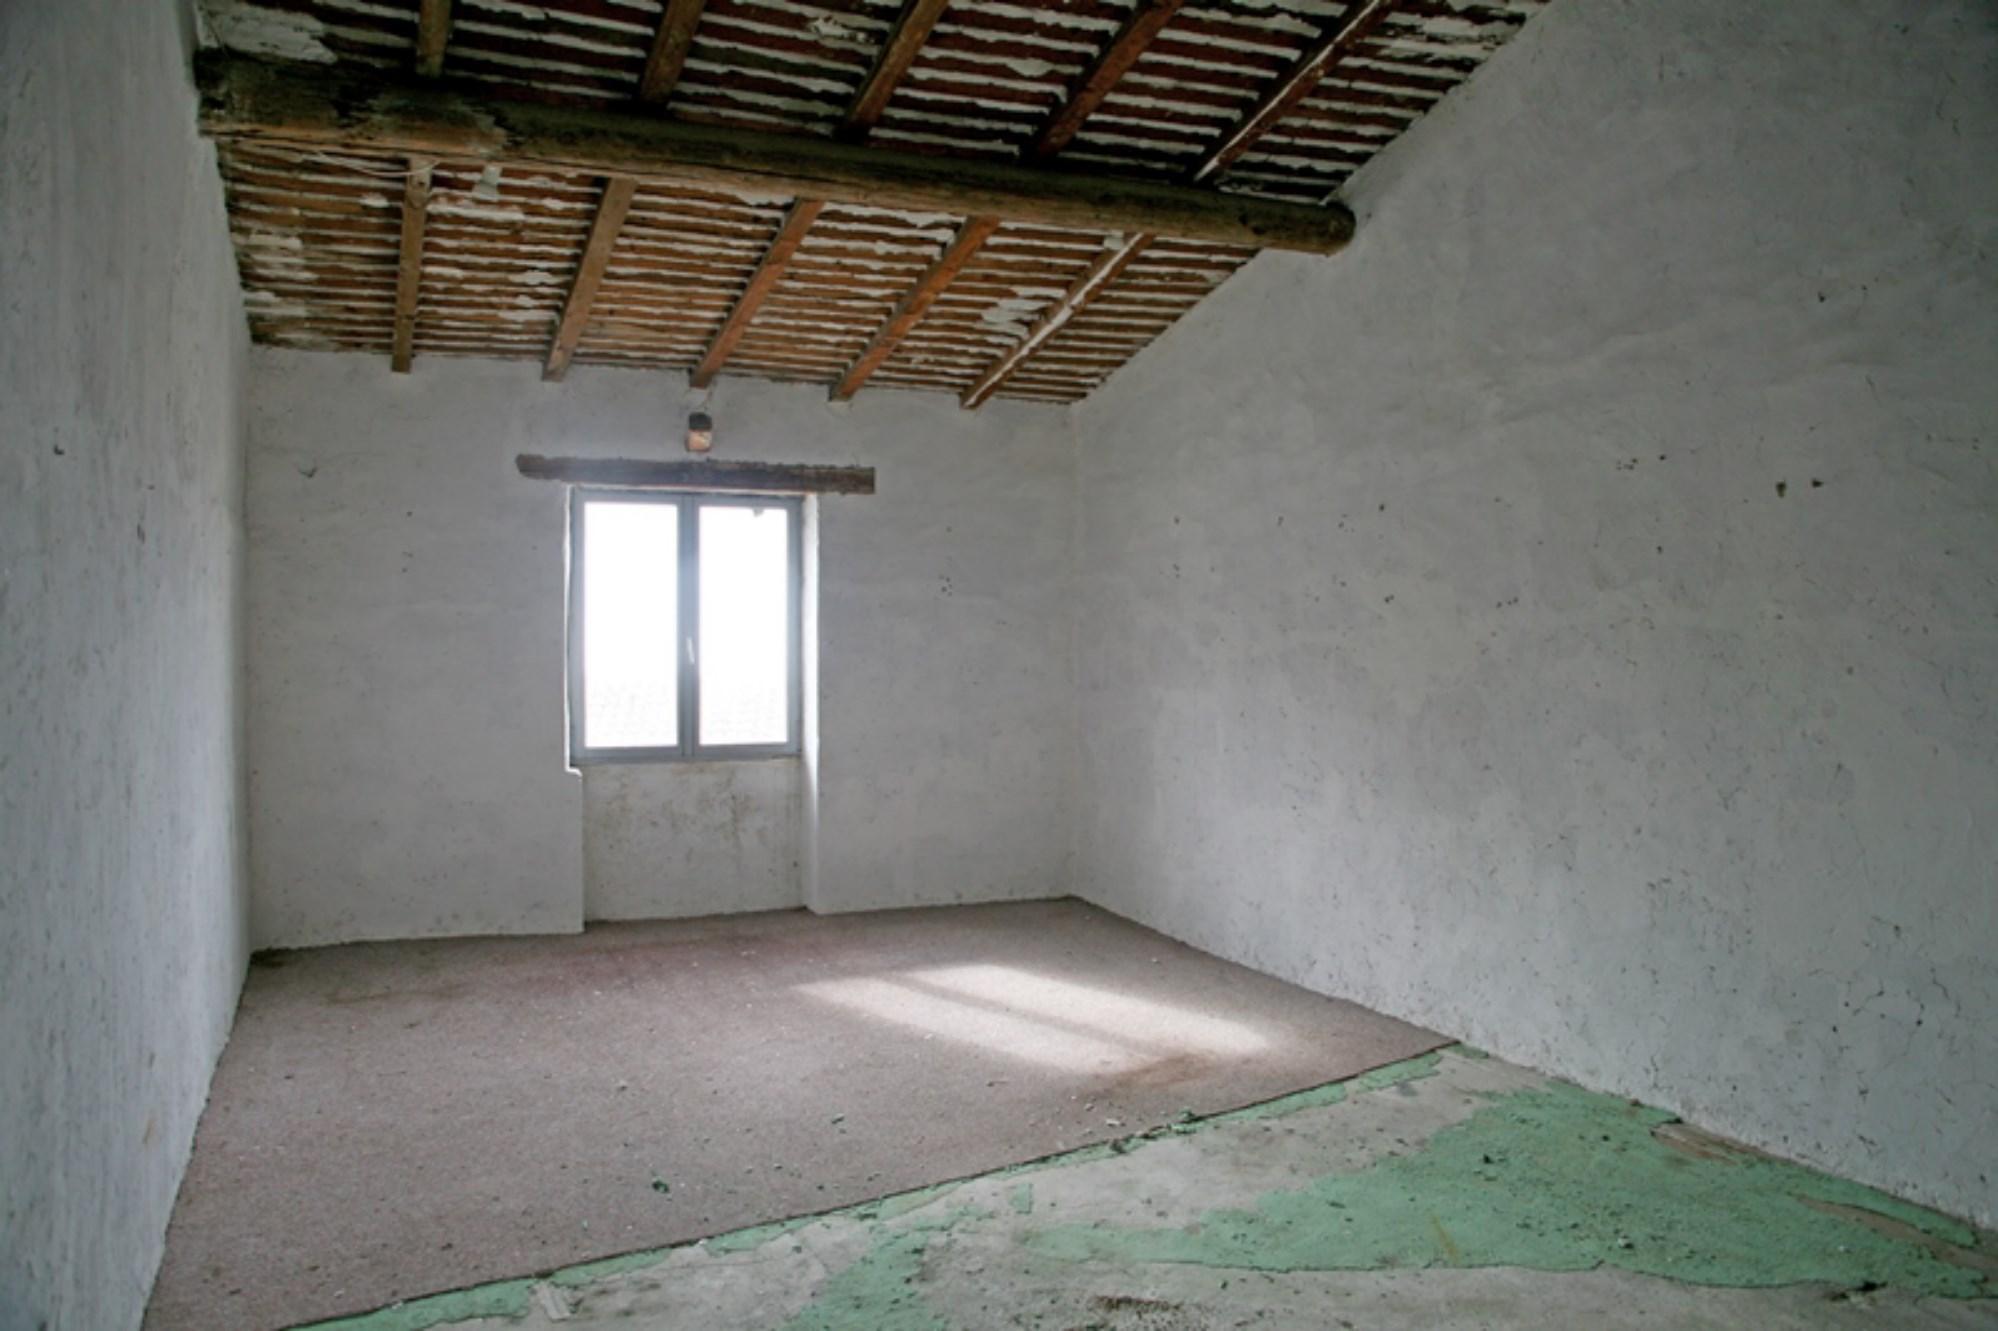 A vendre, en Luberon,  maison en plein coeur de village avec 2 commerces en location